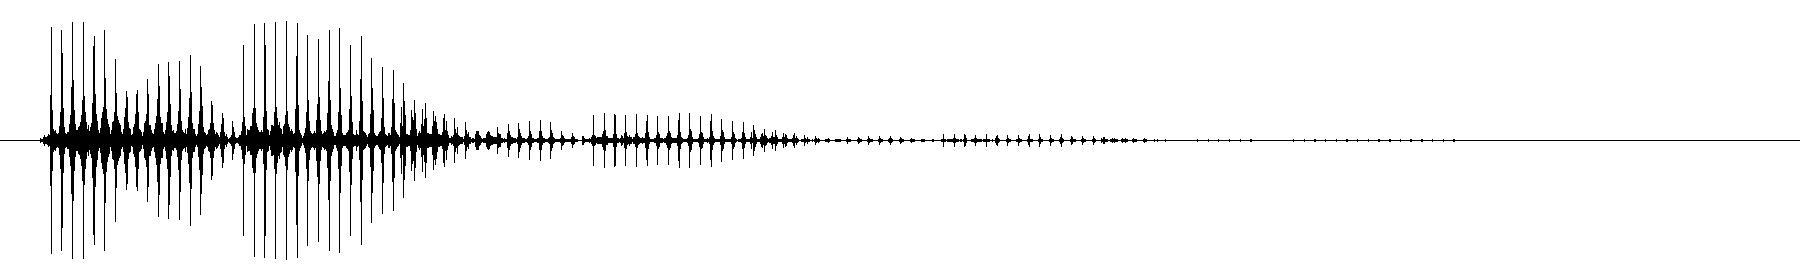 vocoder 2   energy